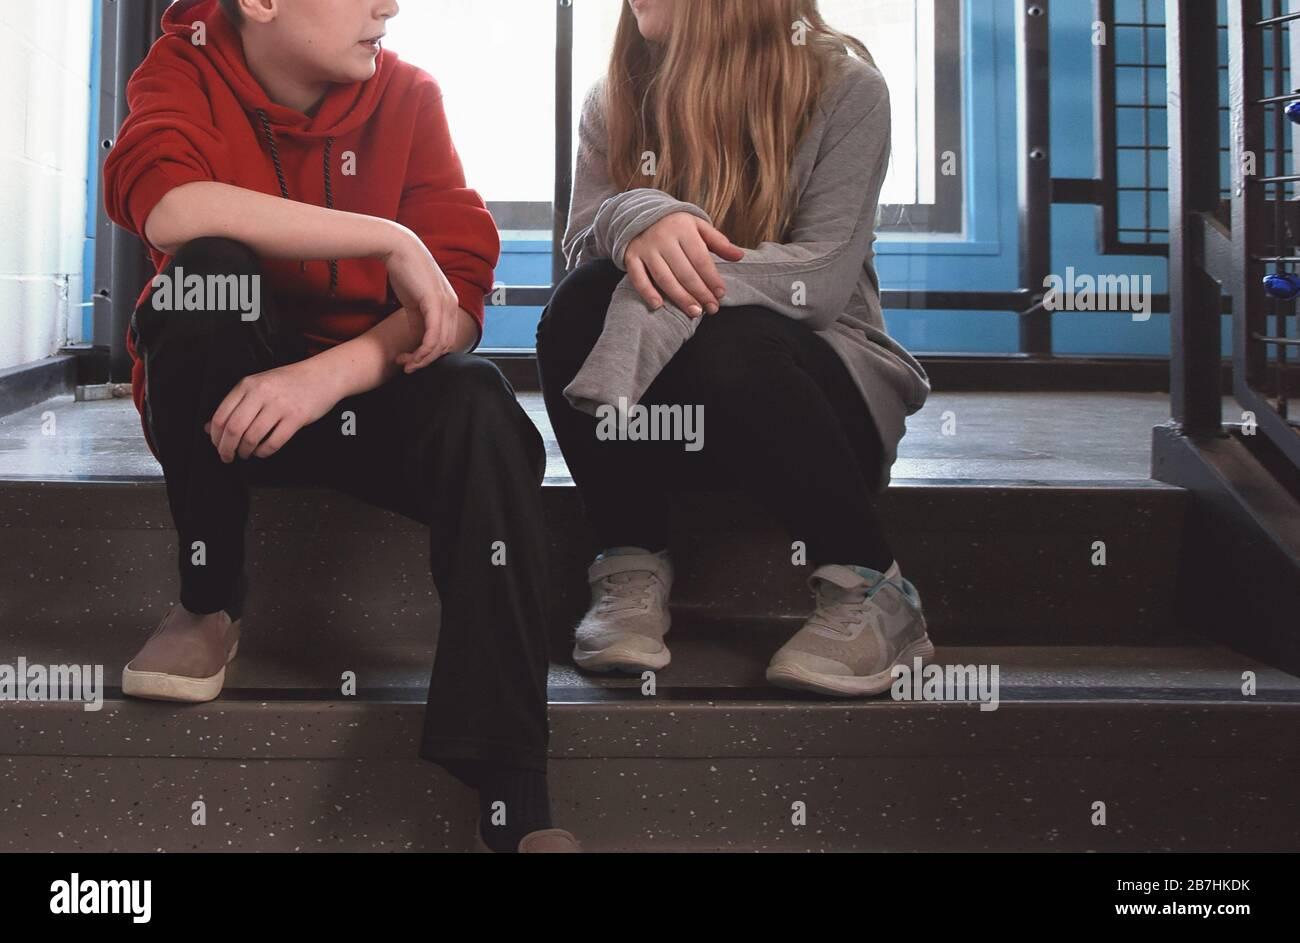 Un garçon et une jeune étudiante sont assis dans un couloir sur les escaliers pour parler d'un concept de communication avec les jeunes. Banque D'Images